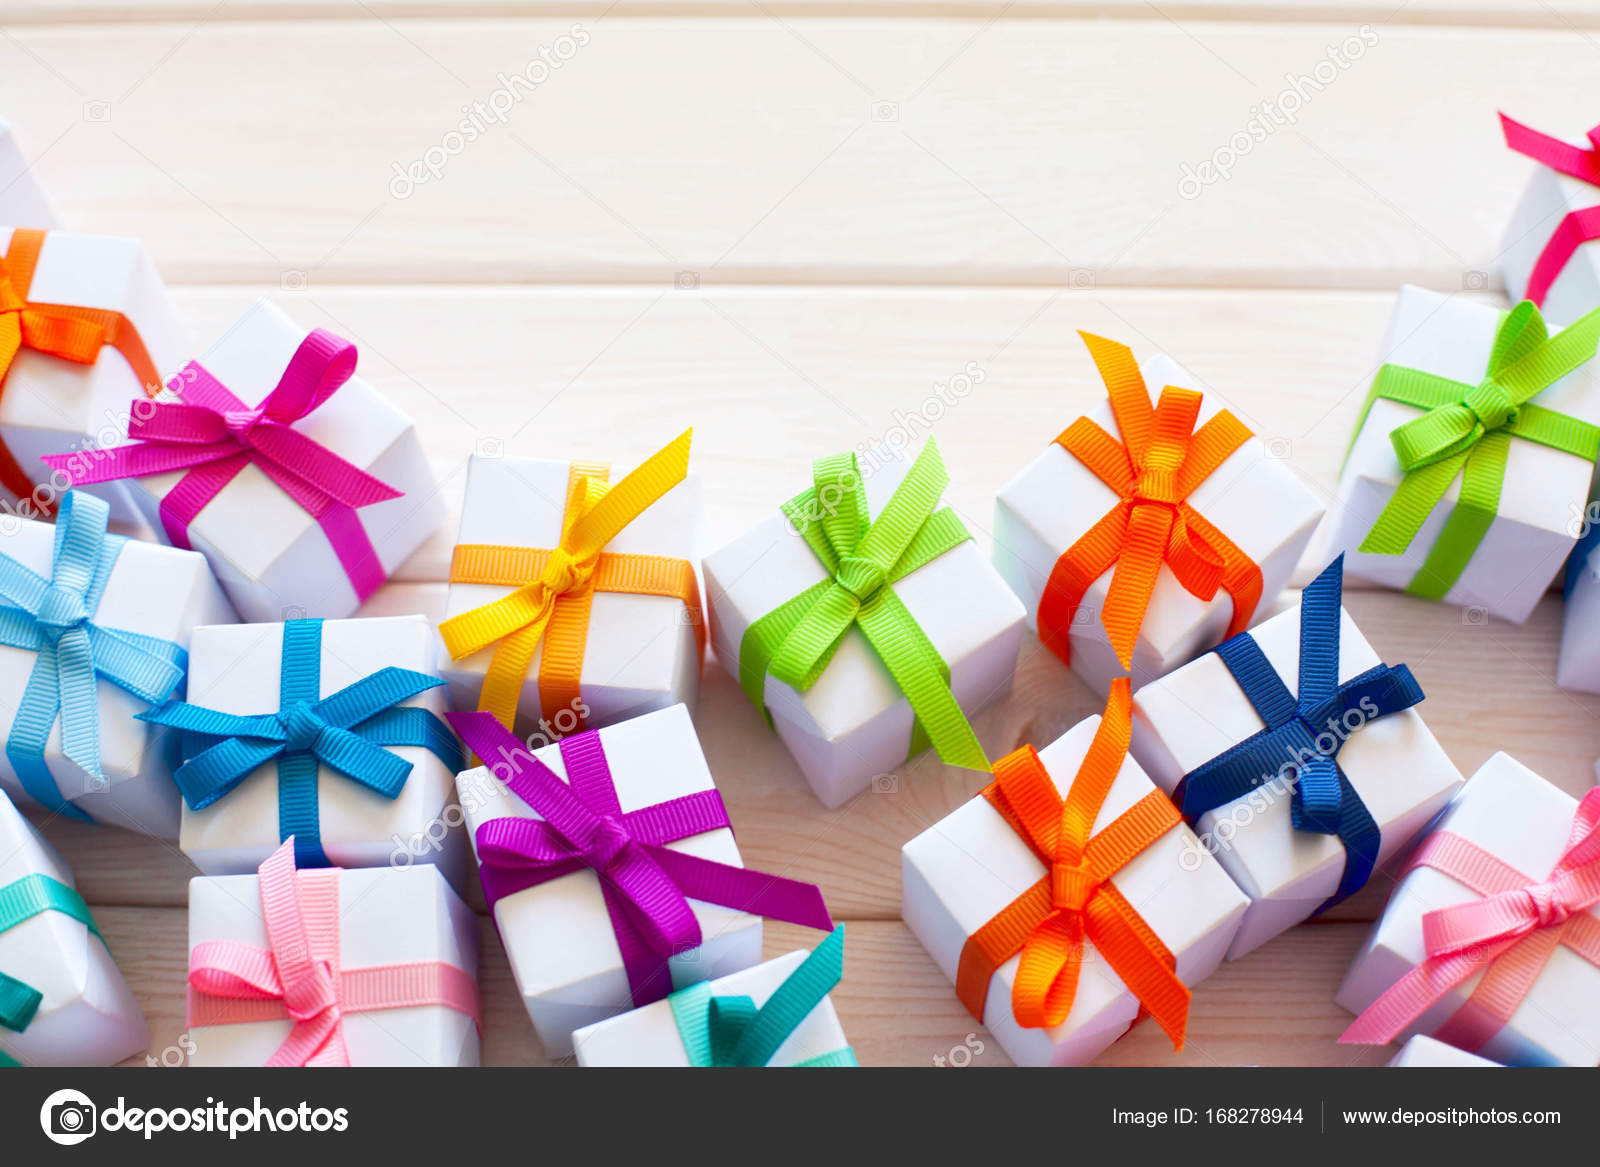 Viele Kleine Geschenke Mit Farbbänder Stockfoto Dalivl At Yandexru